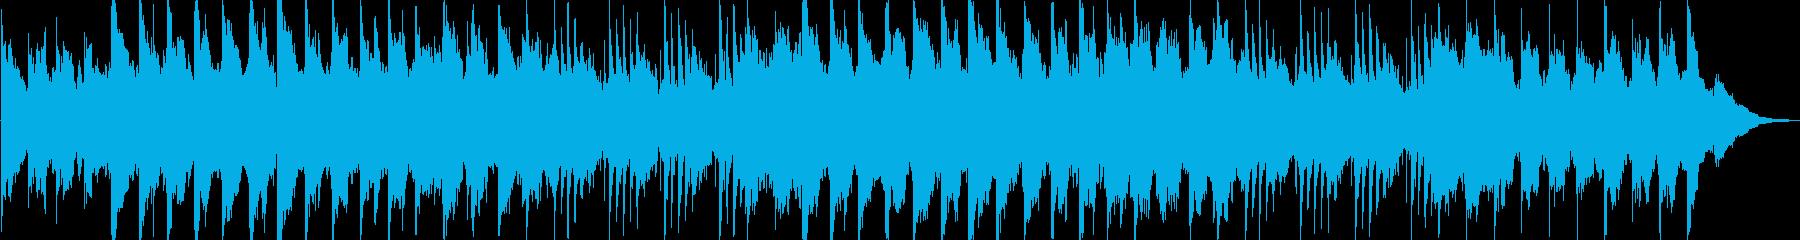 幻想的で感動的なバラードの再生済みの波形